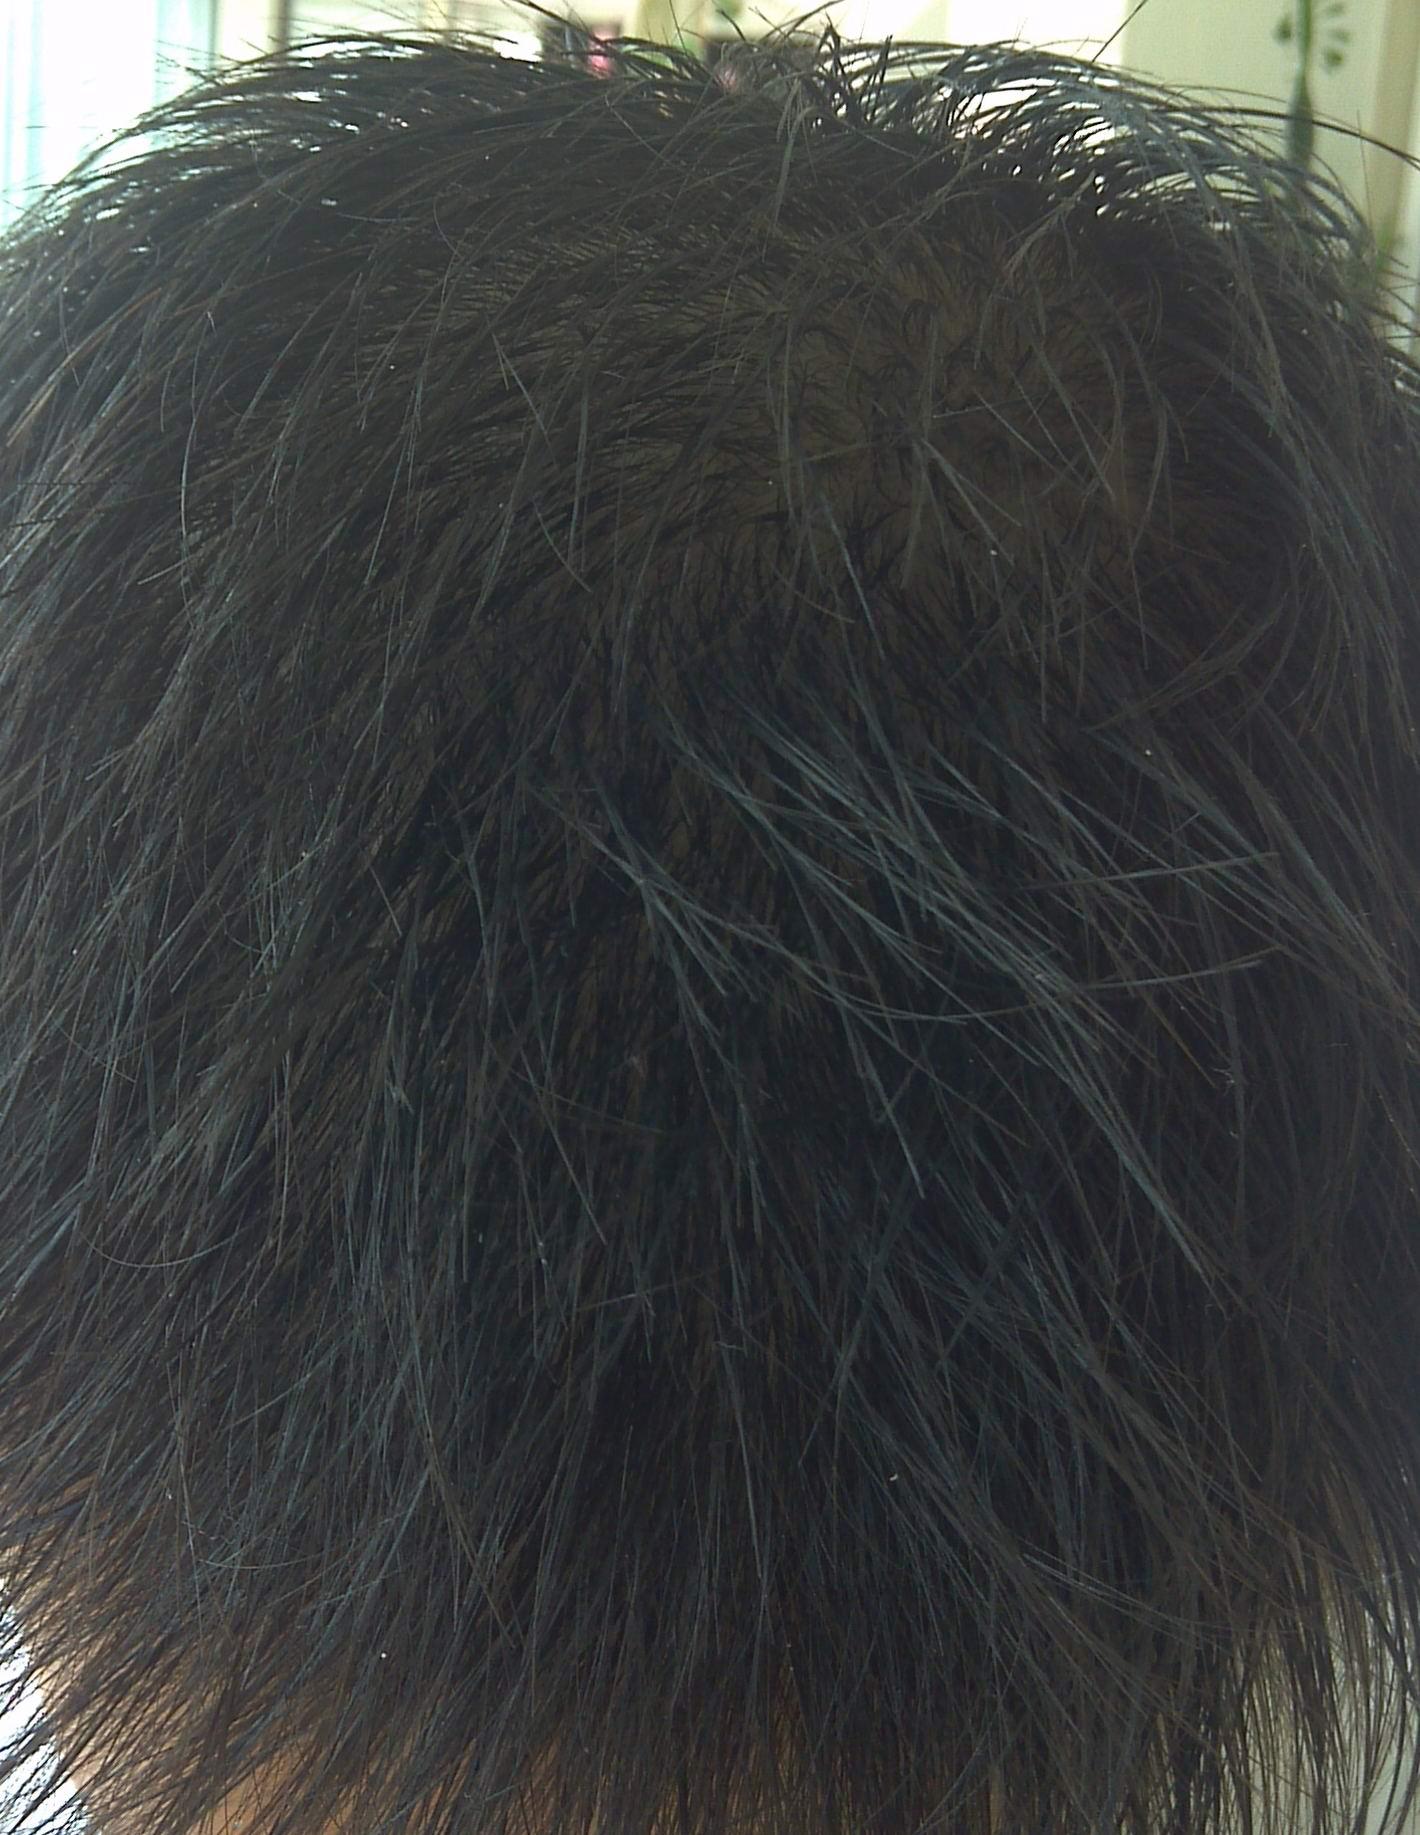 黄15岁片_我15岁,头顶的头发很黄 很细 很稀,还脱发,下面有图,请大家帮看看怎么